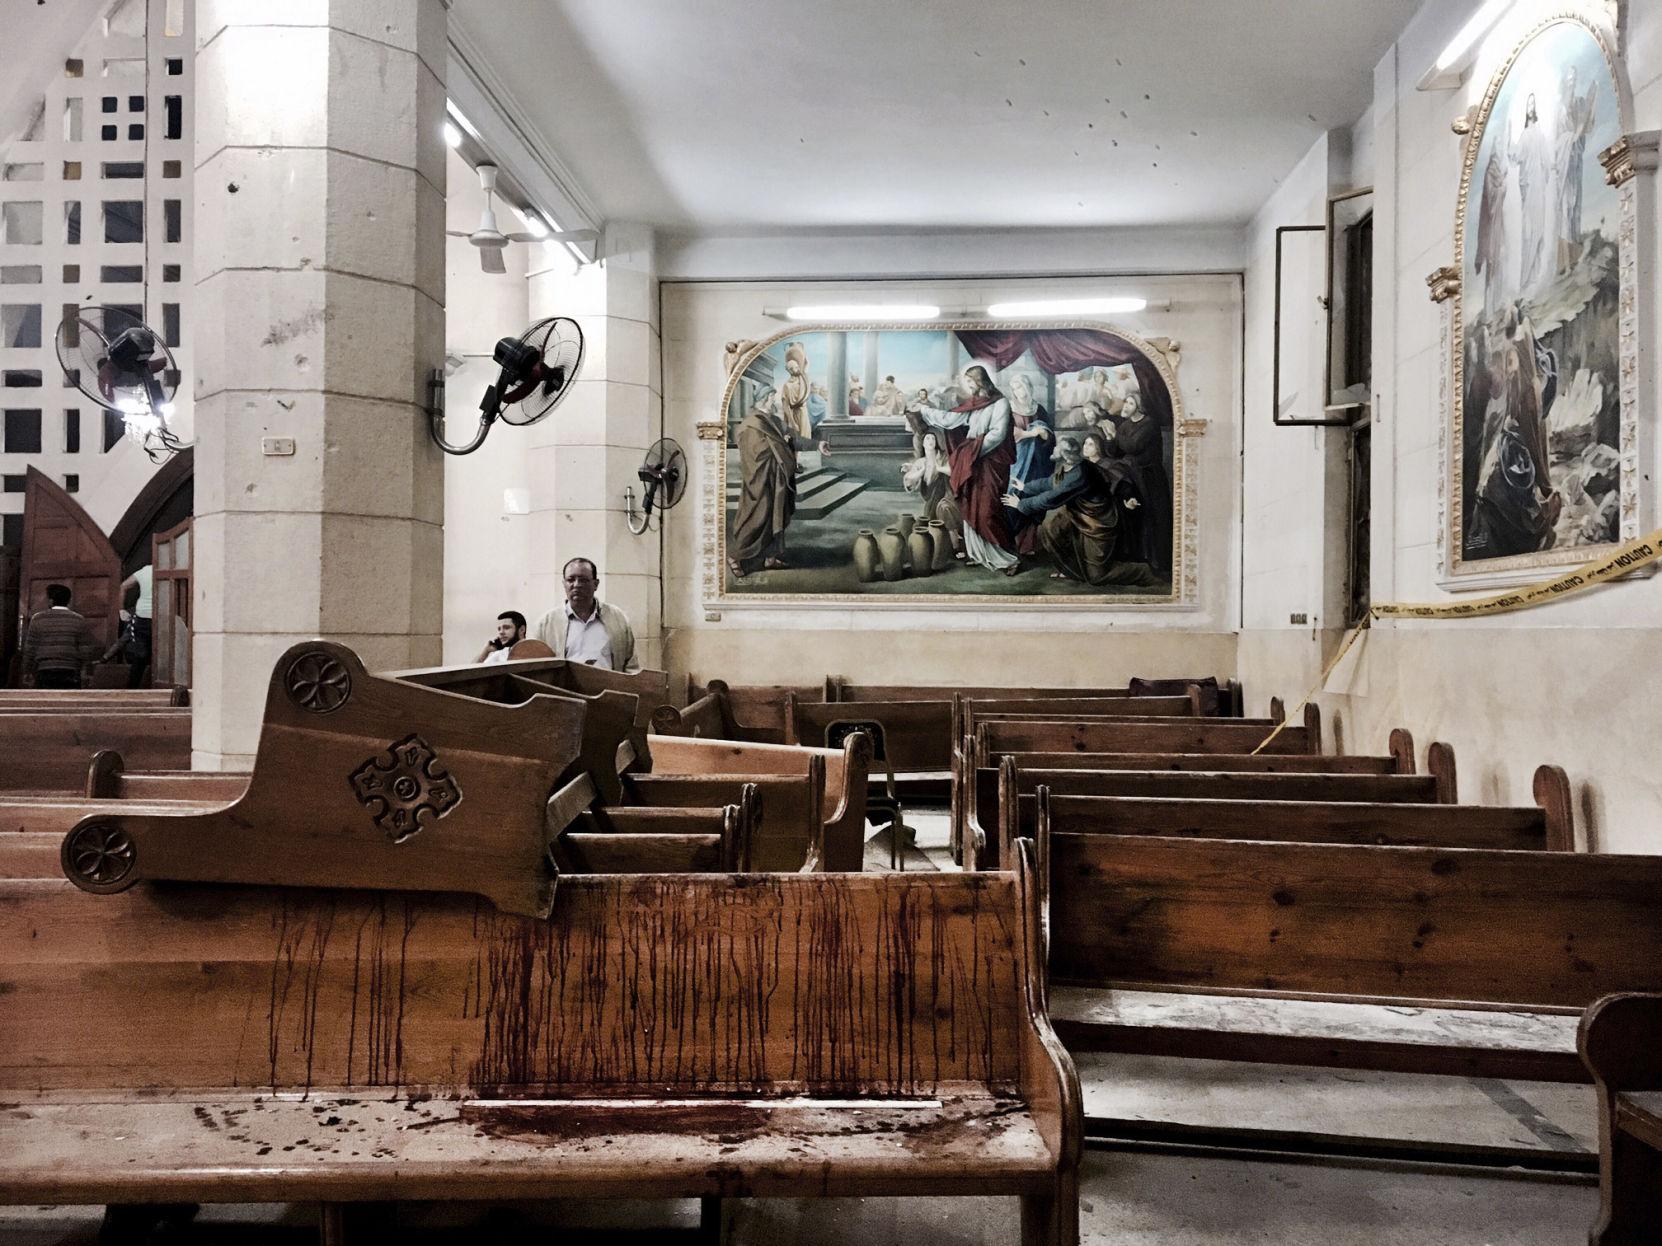 Egyptu0027s Christians Bury Dead After Church Bombings